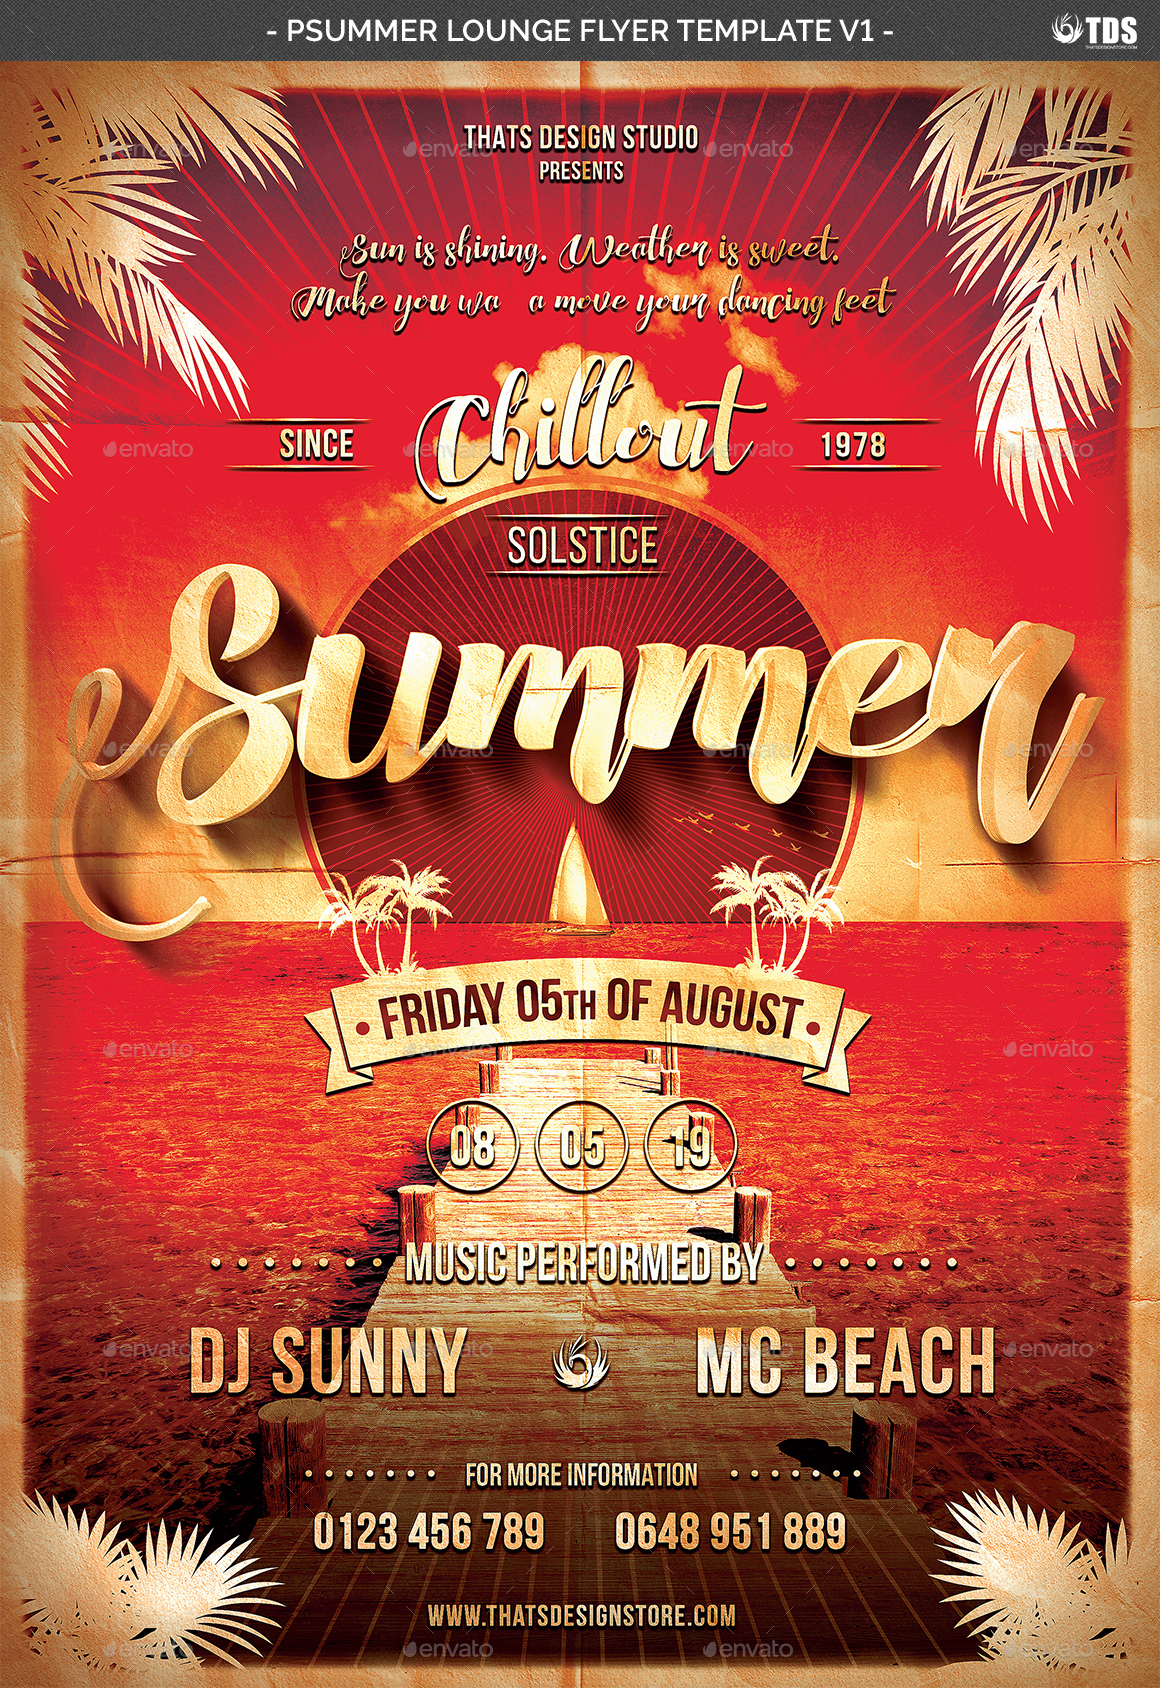 01_Summer Lounge Flyer Template V1 02_Summer Lounge Flyer Template  V1 03_Summer Lounge Flyer Template V1 ...